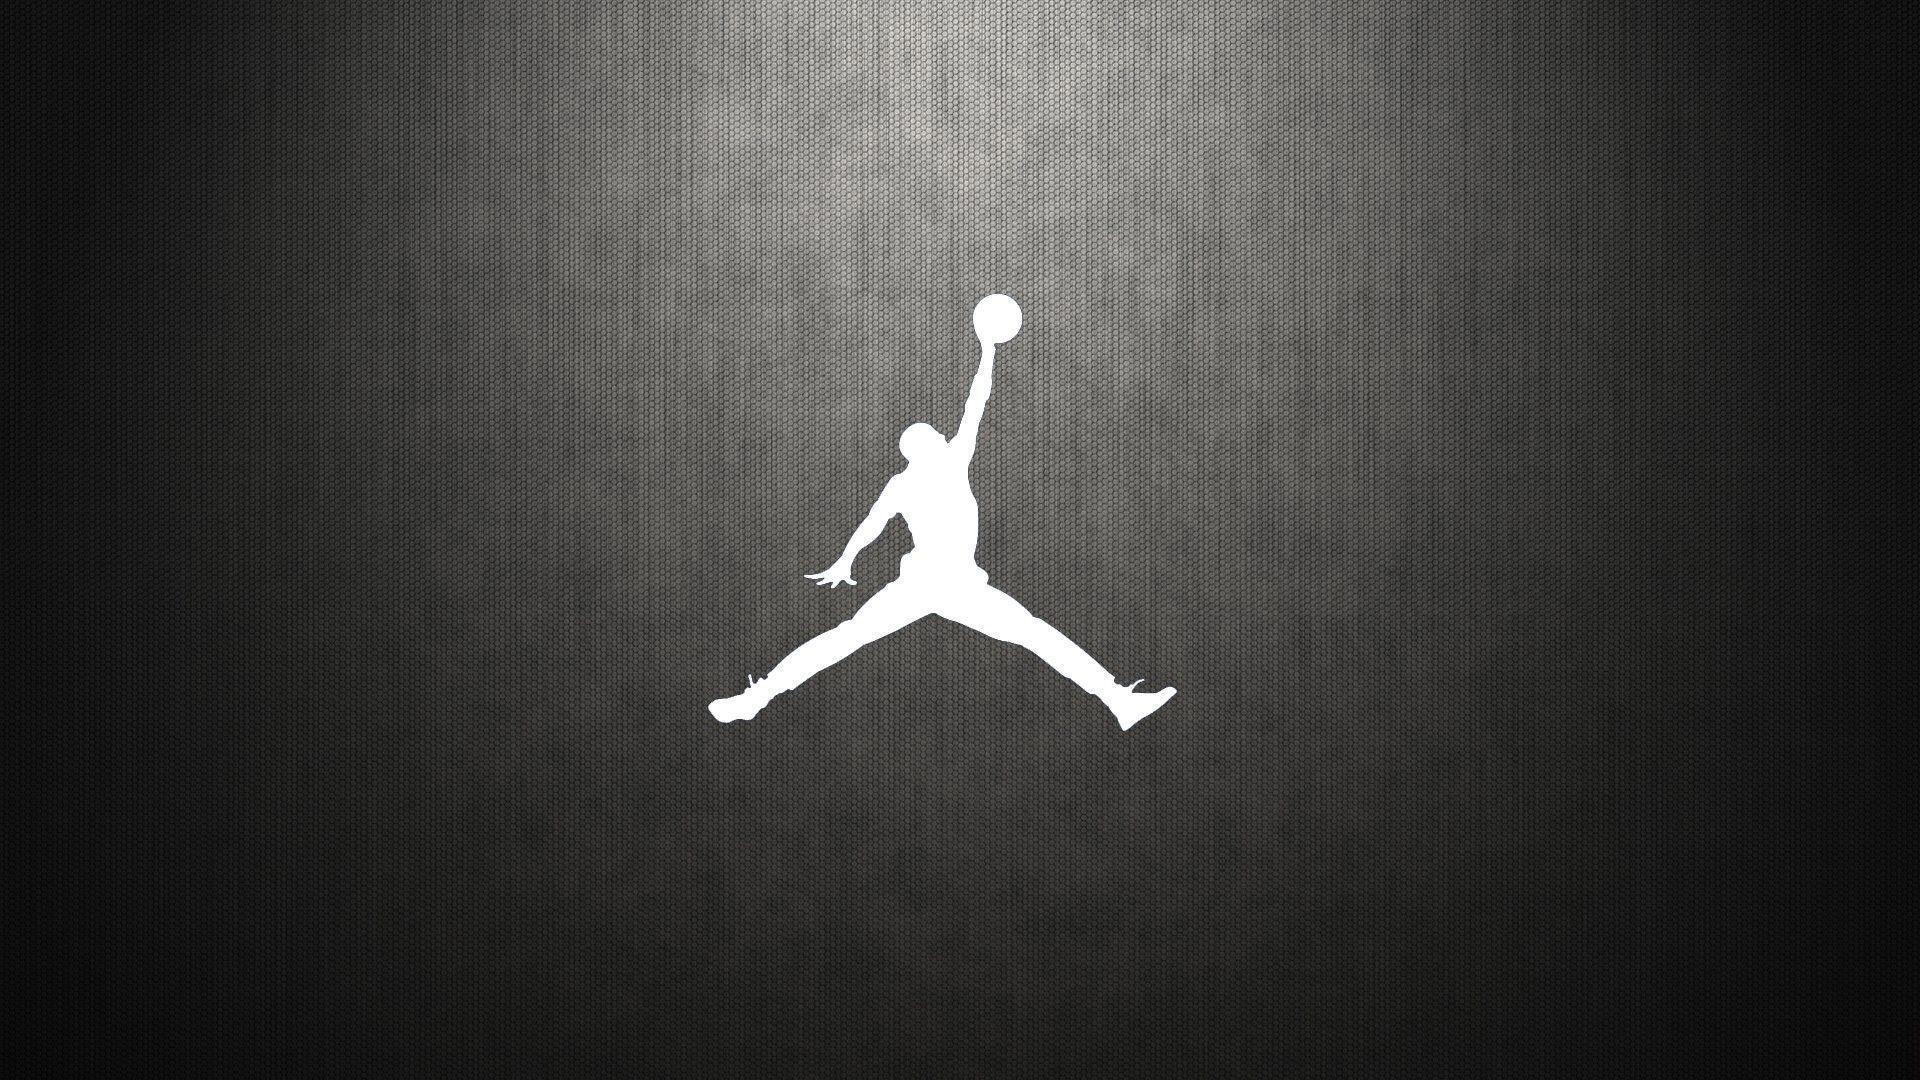 Hd Wallpapers Michael Jordan 102394